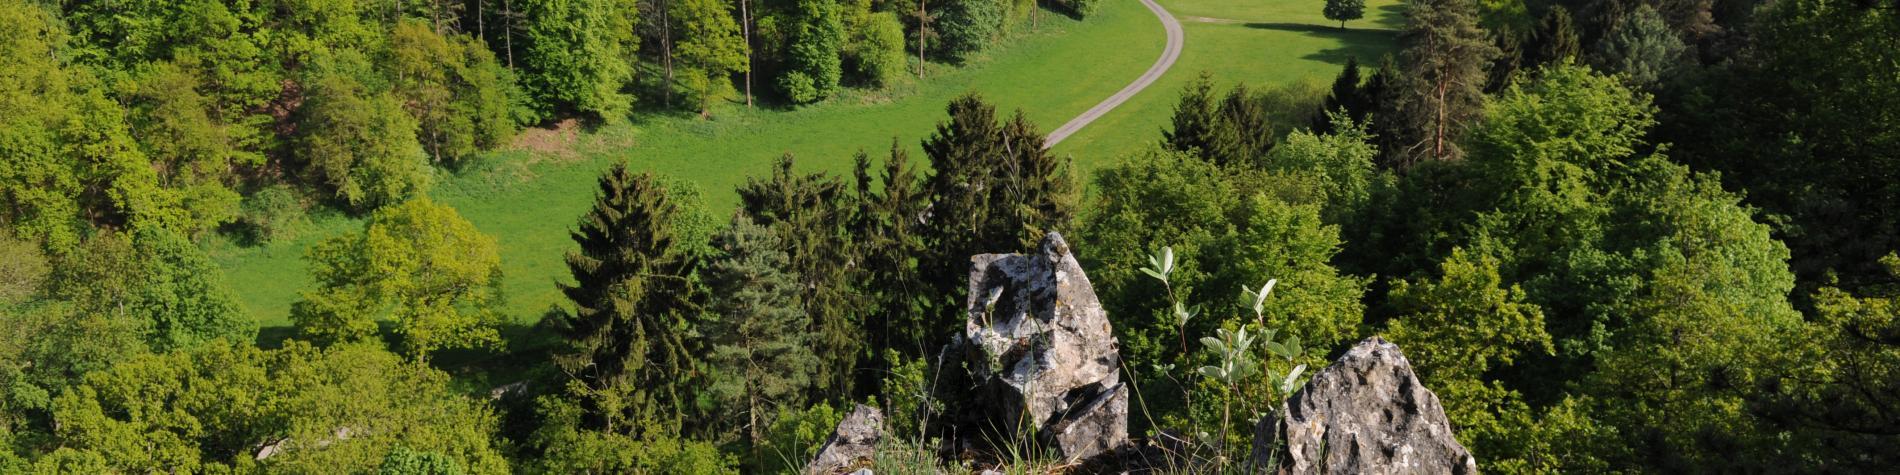 Vue panoramique du Belvédère de Han, à découvrir dans le Géopark Famenne-Ardenne